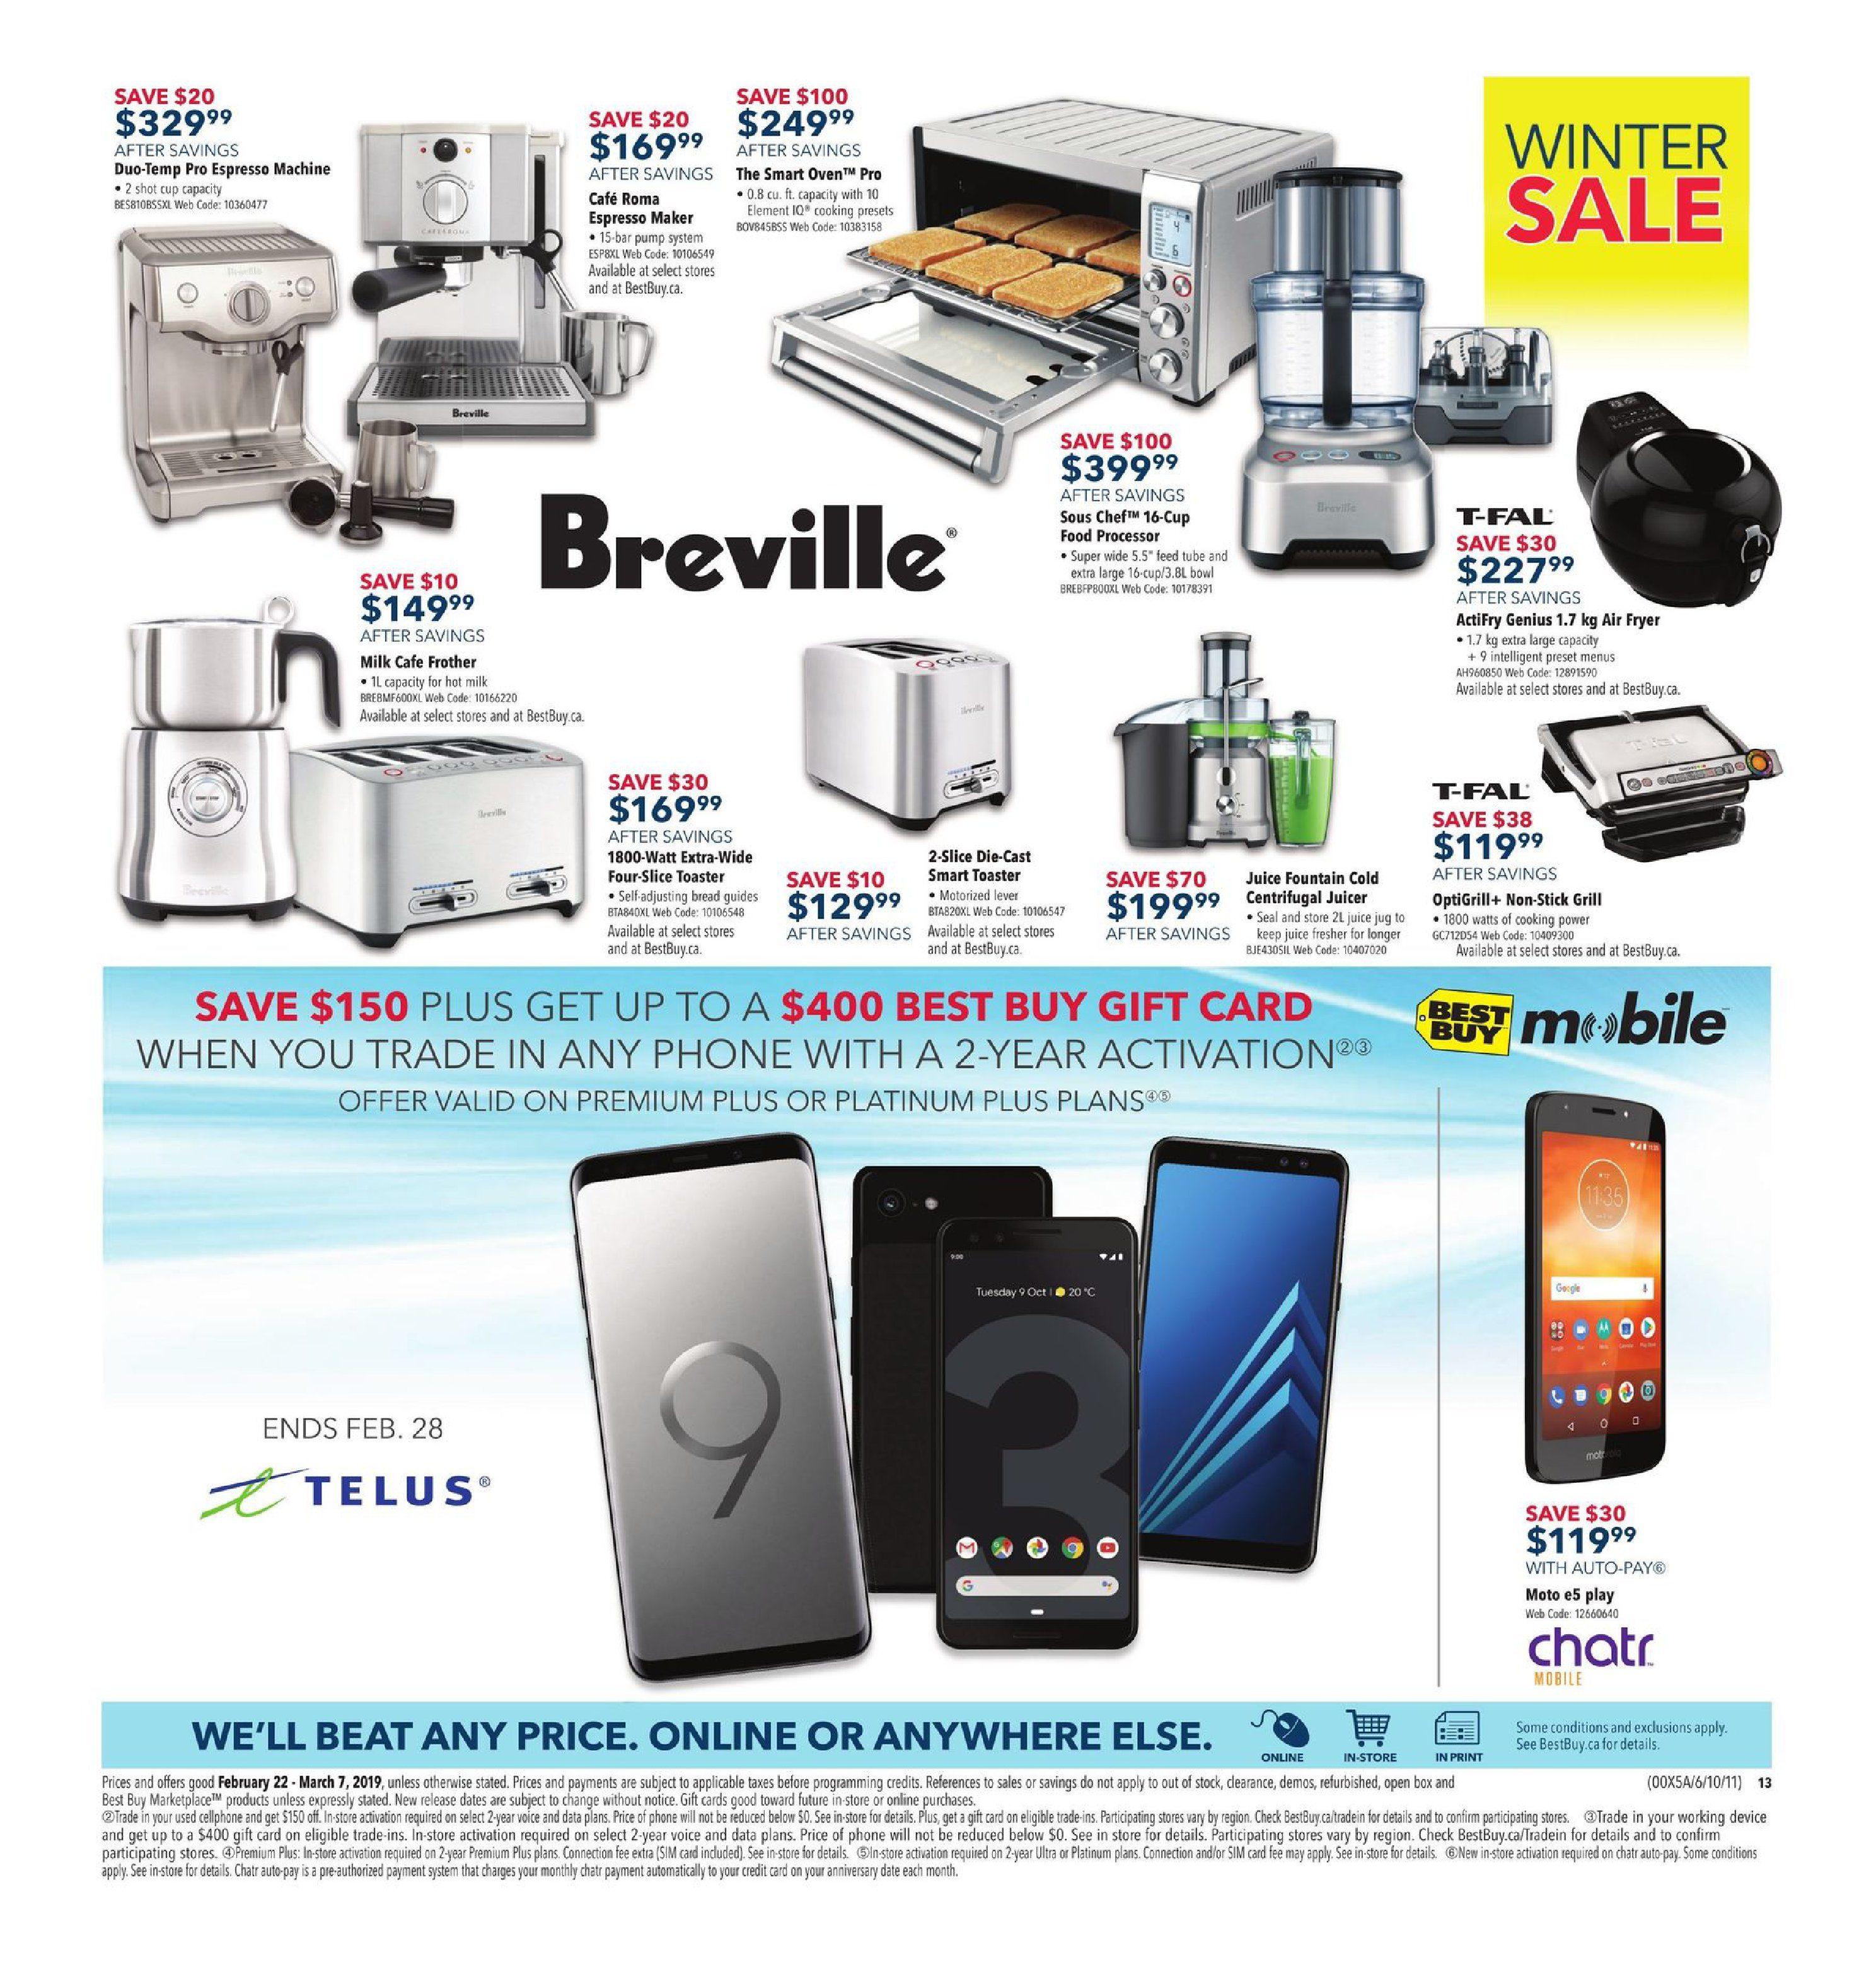 Best Buy Weekly Flyer - 2 Weeks of Savings - Winter Sale - Feb 22